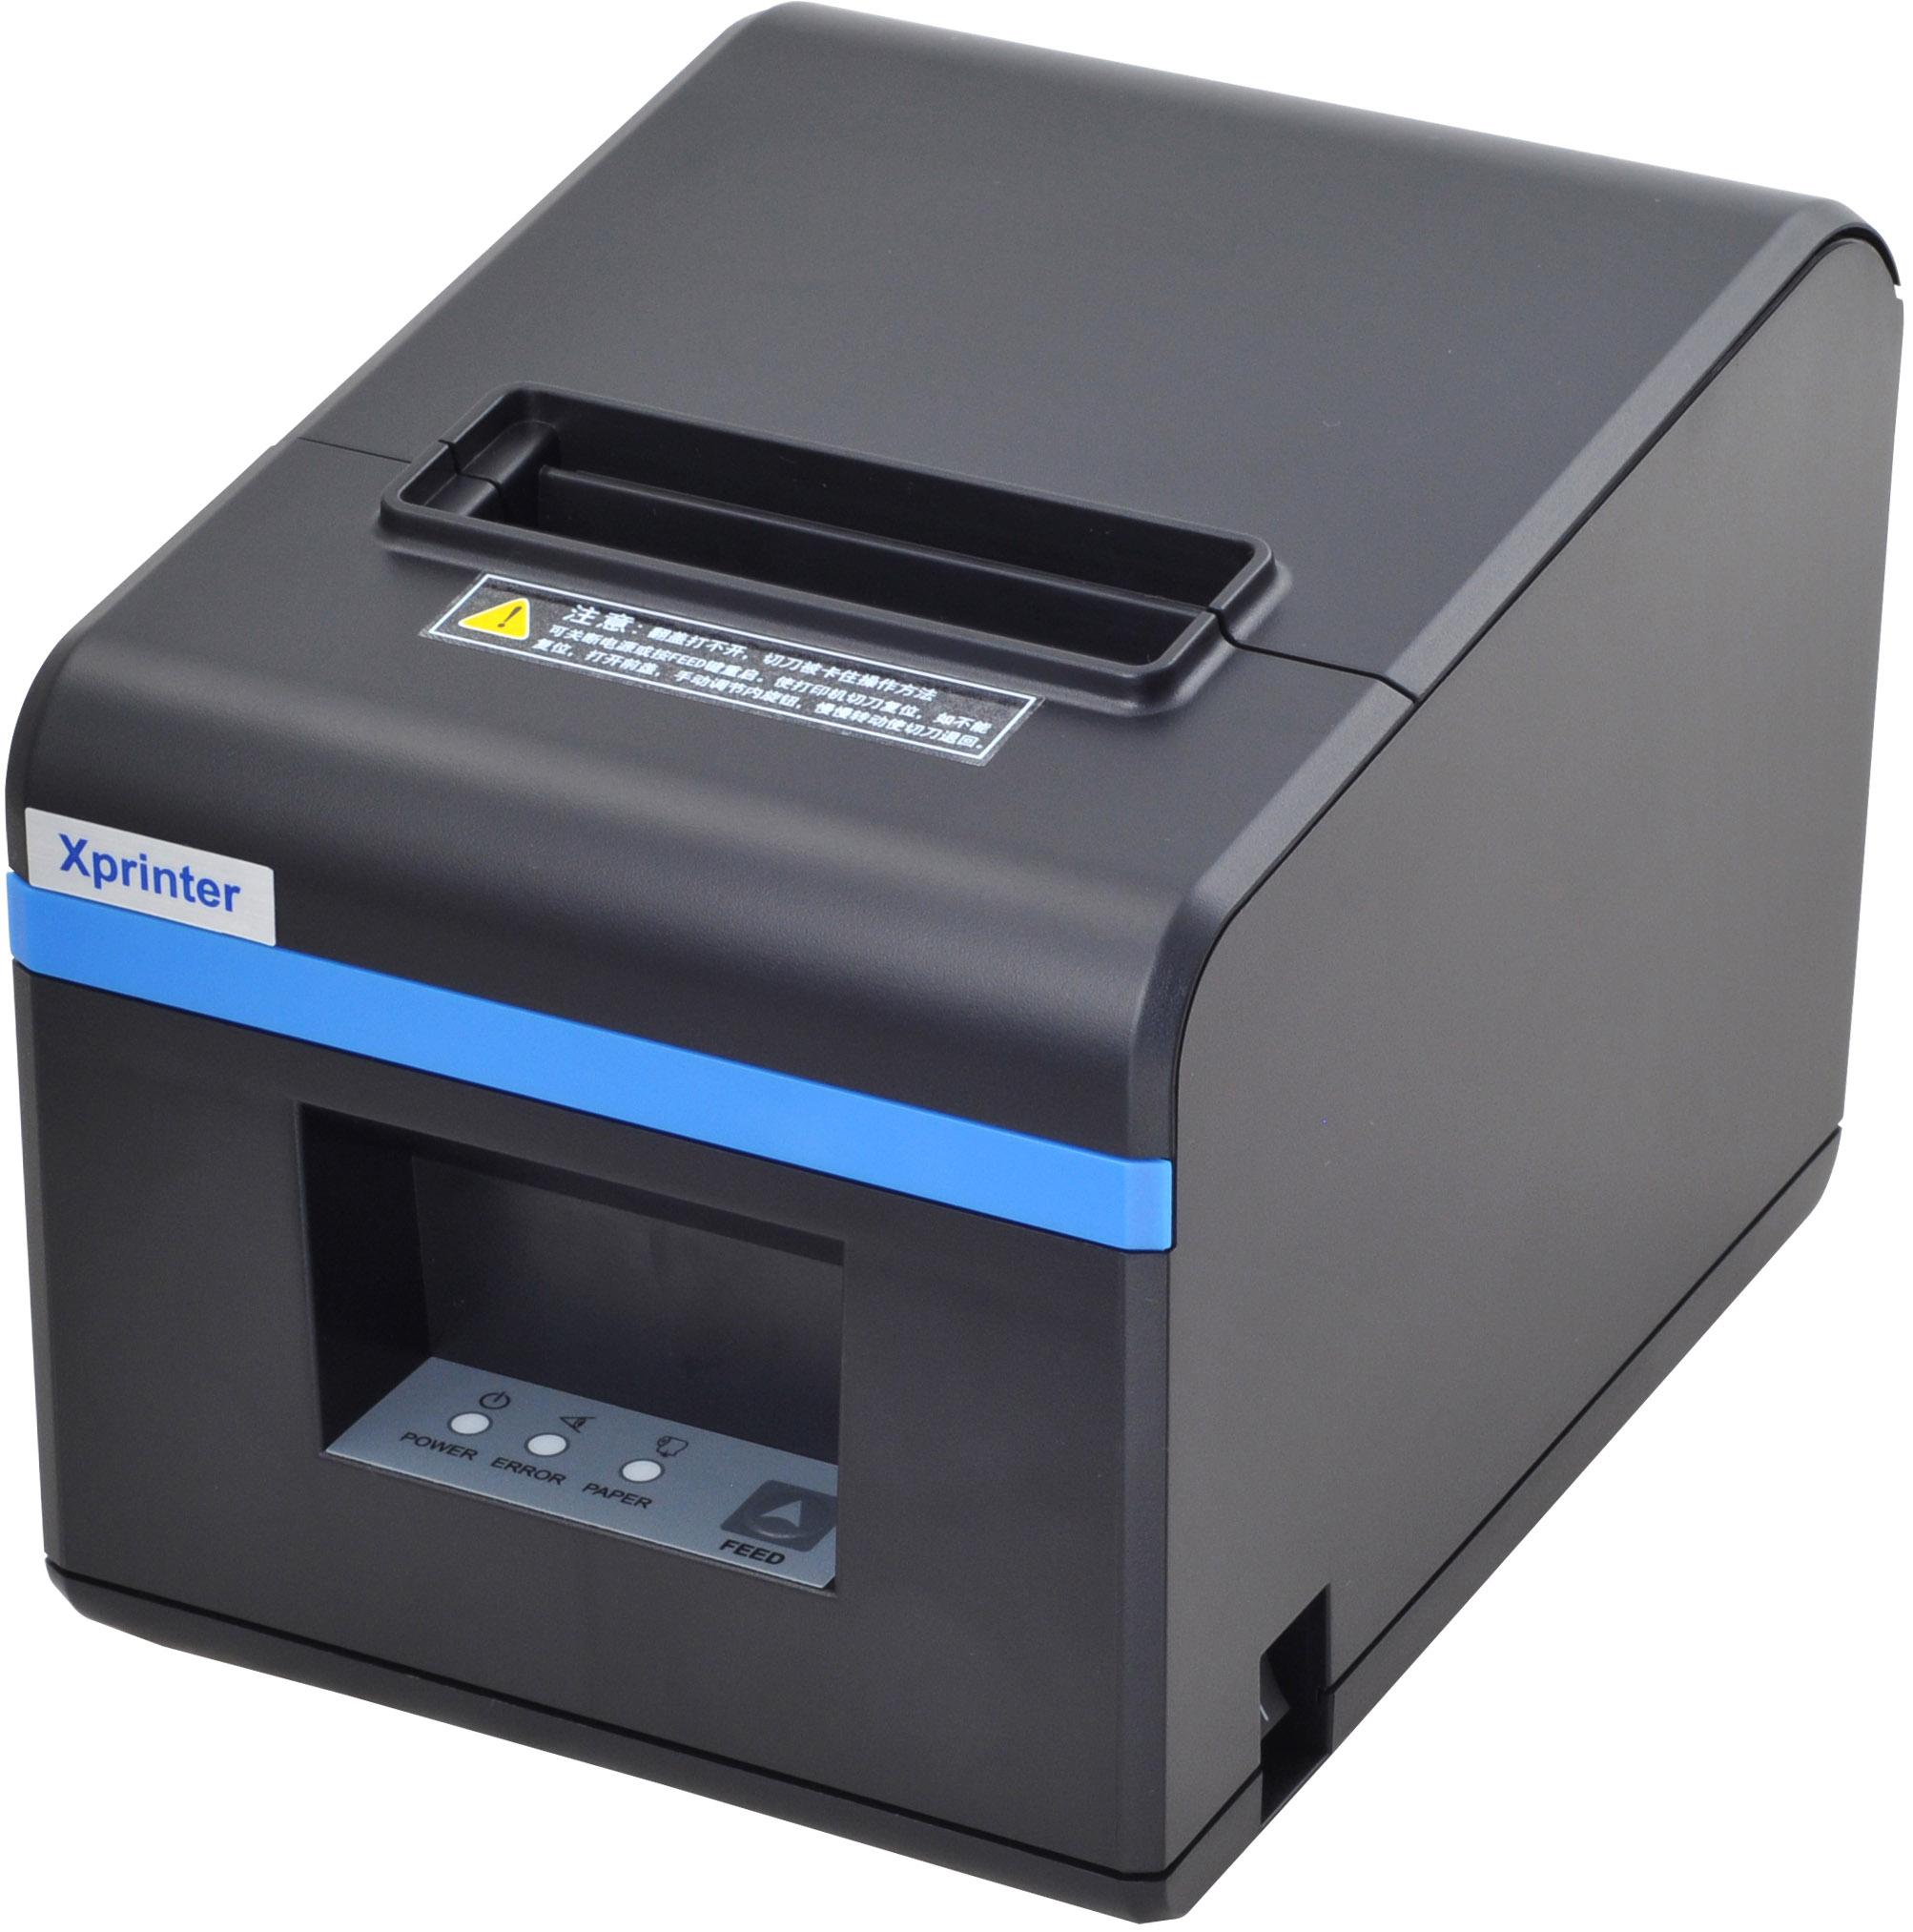 芯烨N160II热敏蓝牙打印机小票据80mm餐饮收银网口切刀厨房打印